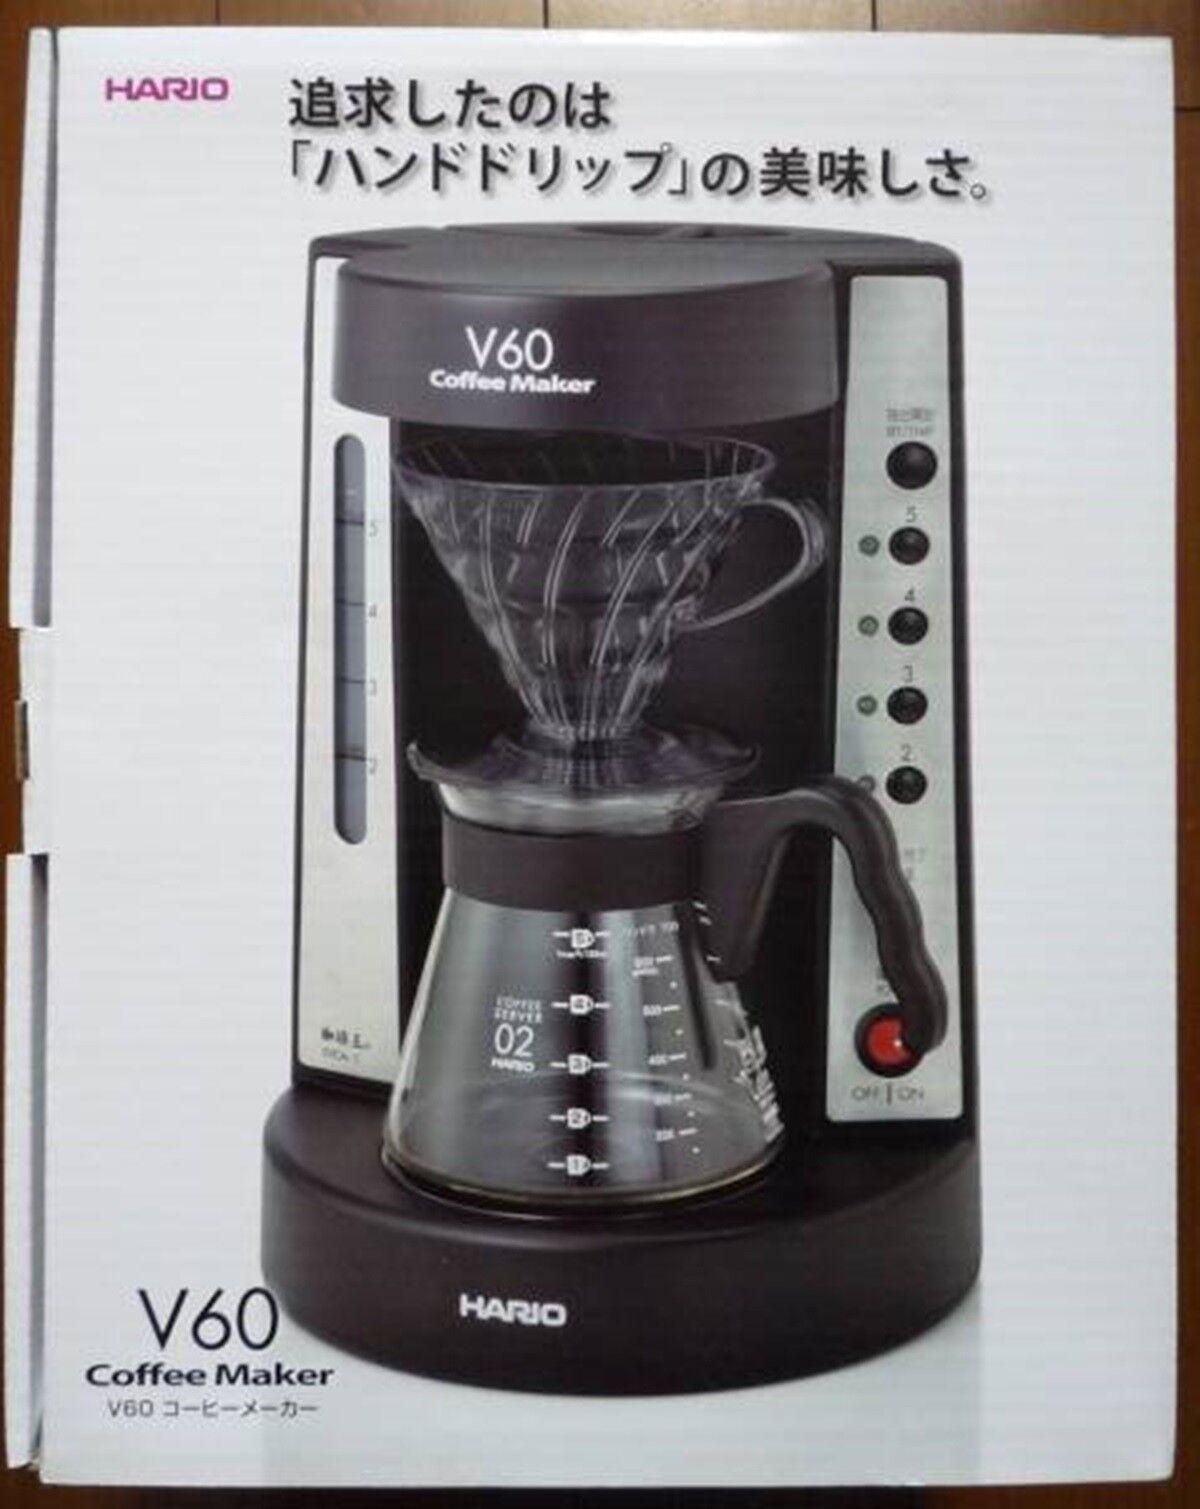 Nouveau HARIO V60 Café King Cafetière 2-5 tasses de Noir evcm - 5 To Japan F S